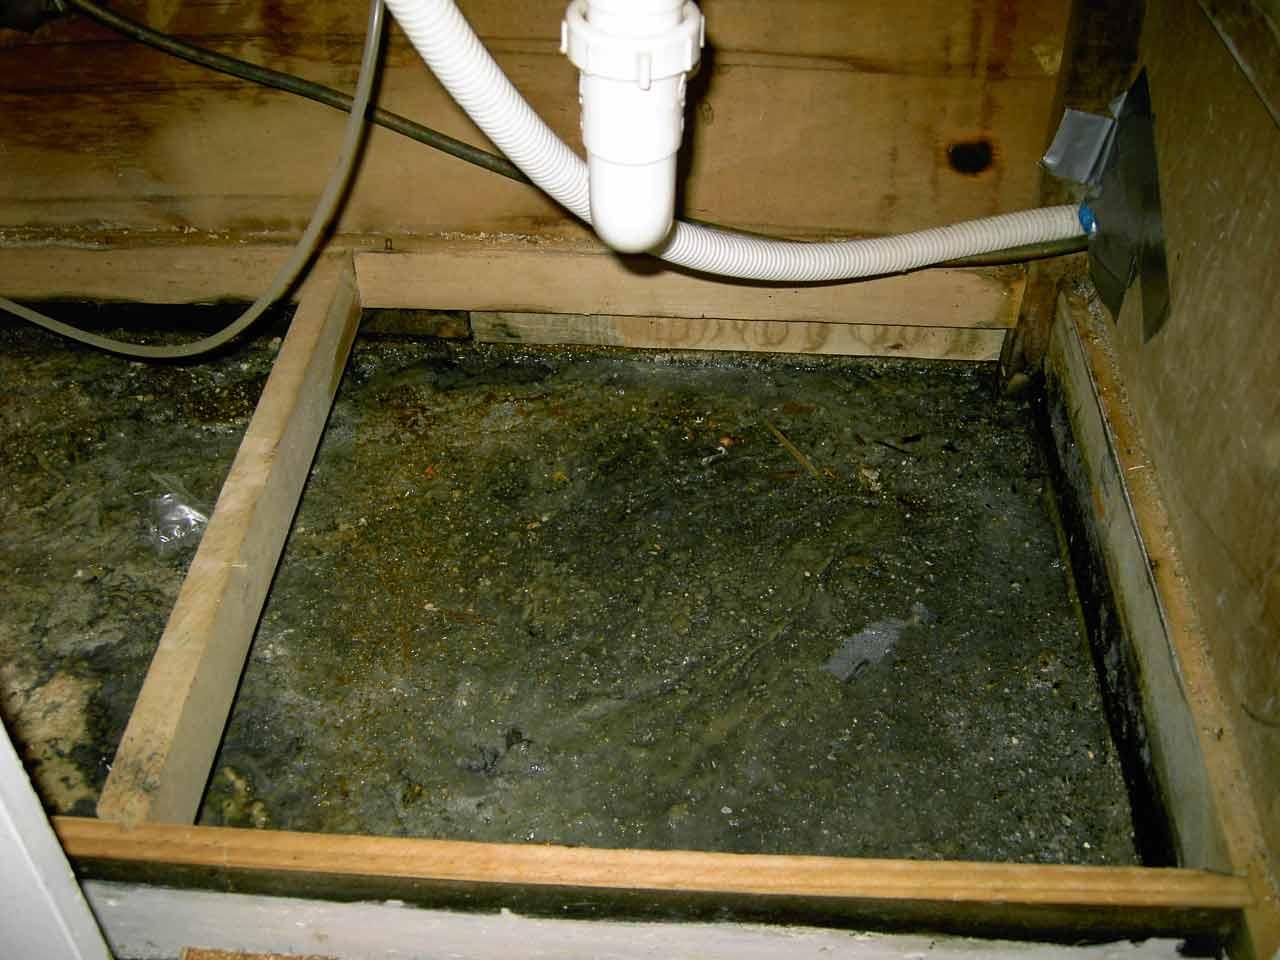 Mold Under Sink 1 Jpg